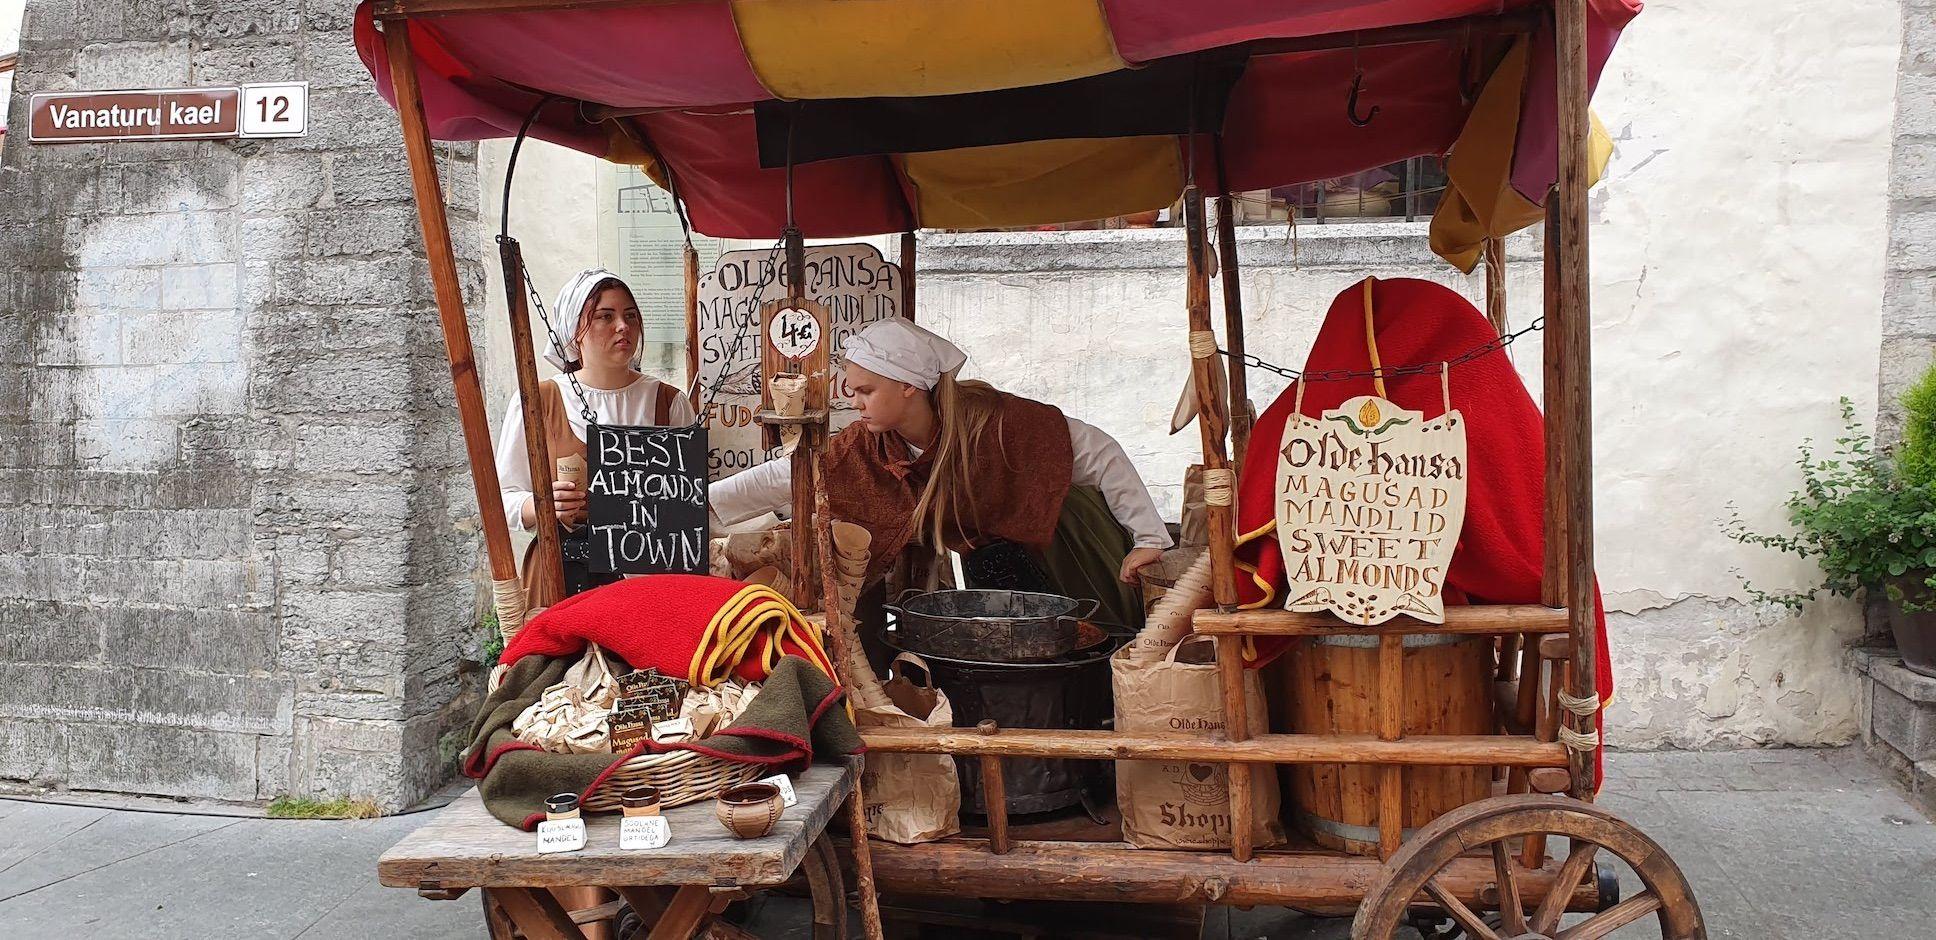 Puesto medieval de delicatessens del restaurante medieval Olde Hansa